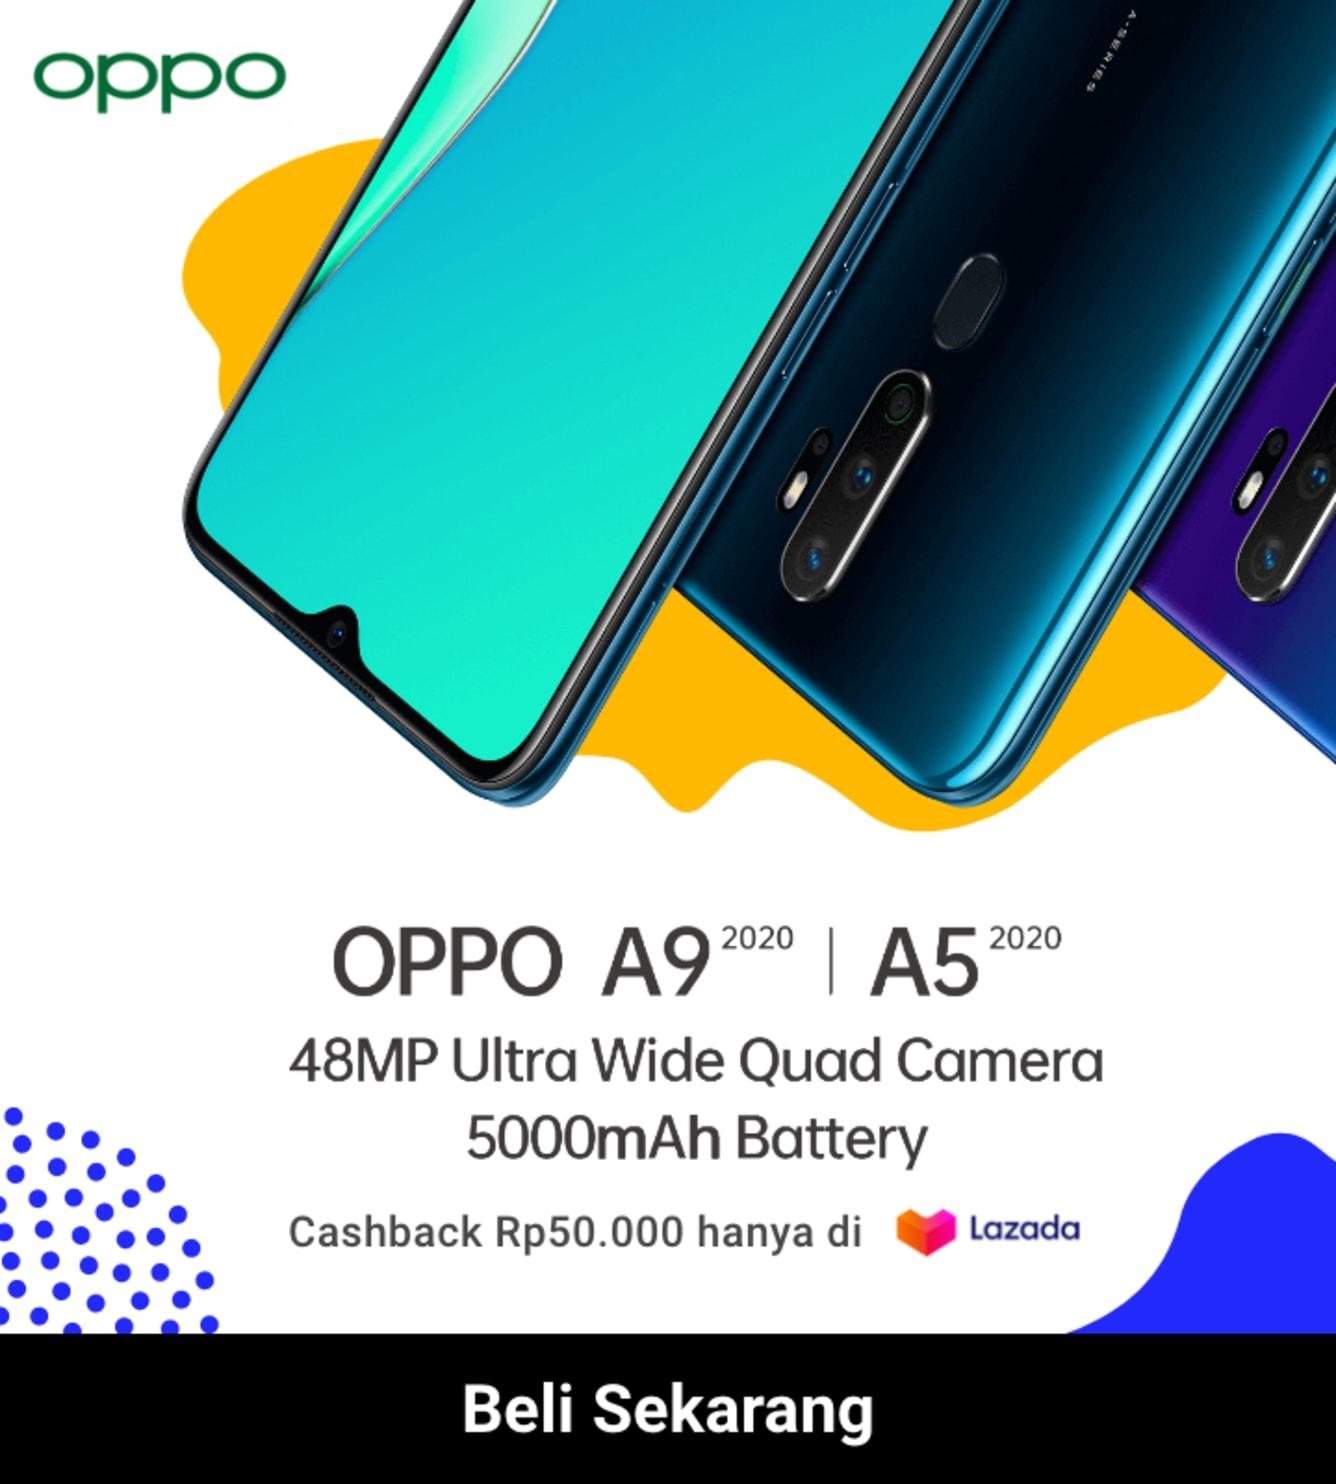 Week 42 - Promo OPPO A9